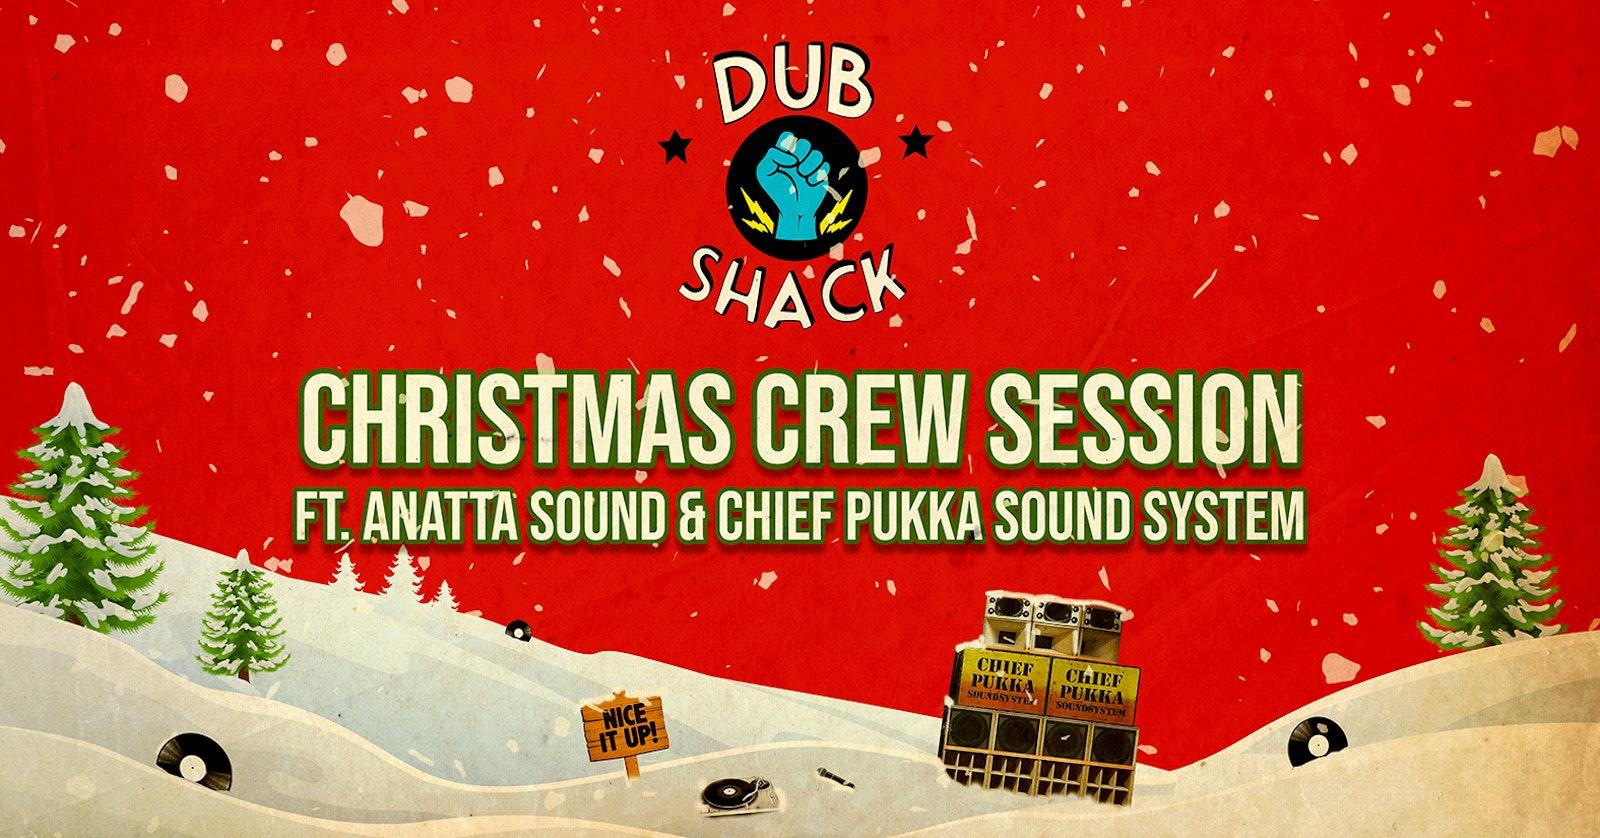 Dub Shack // Christmas Crew Session